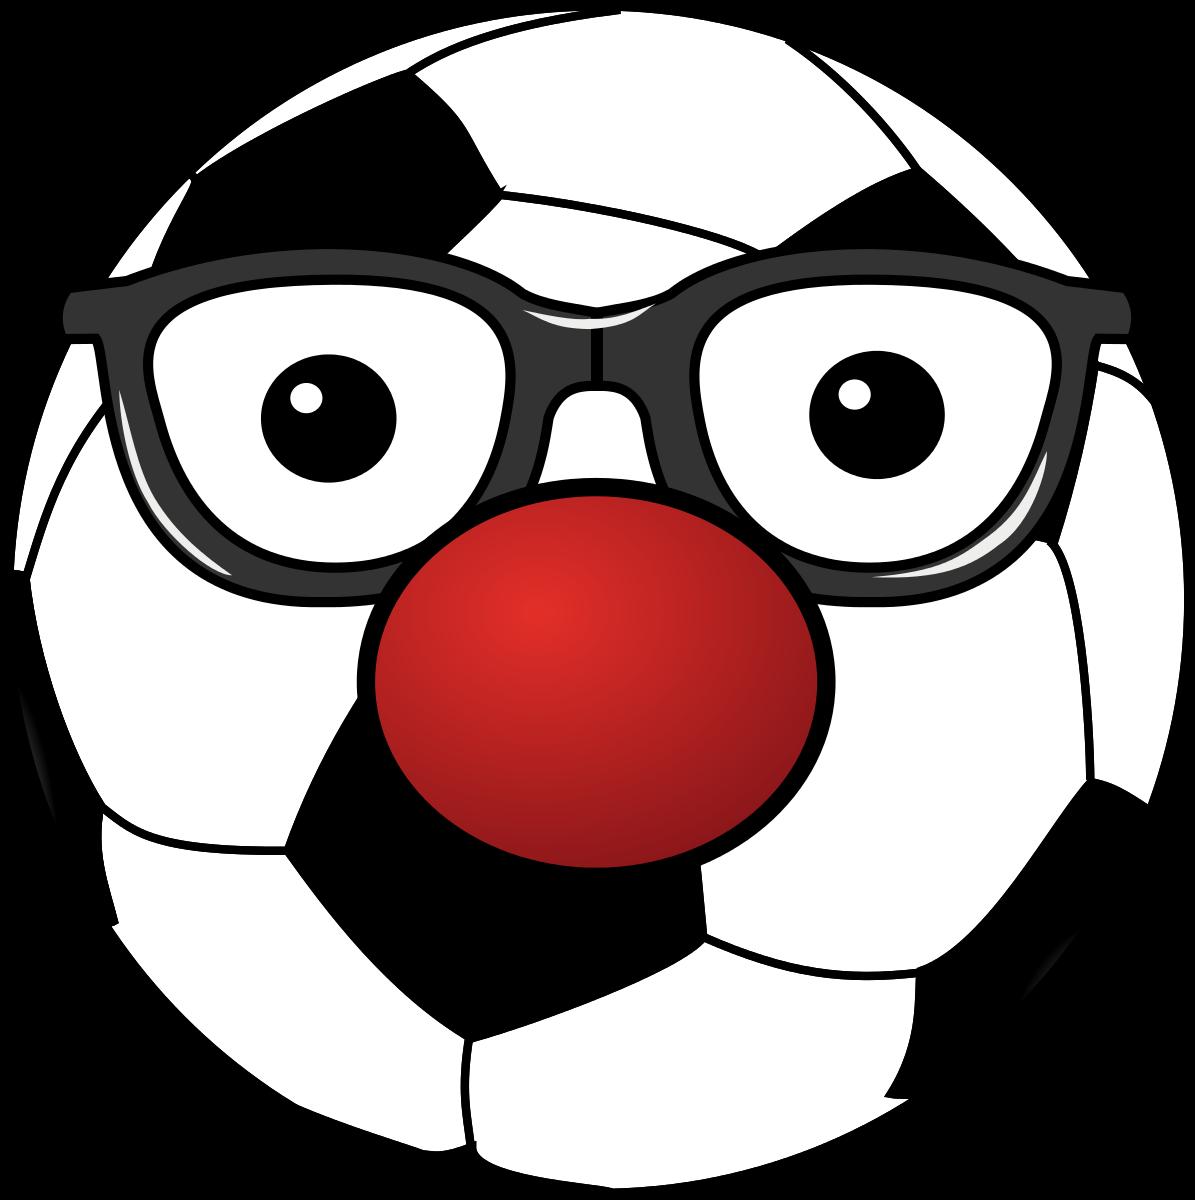 1195x1200 Soccer Ball Clip Art